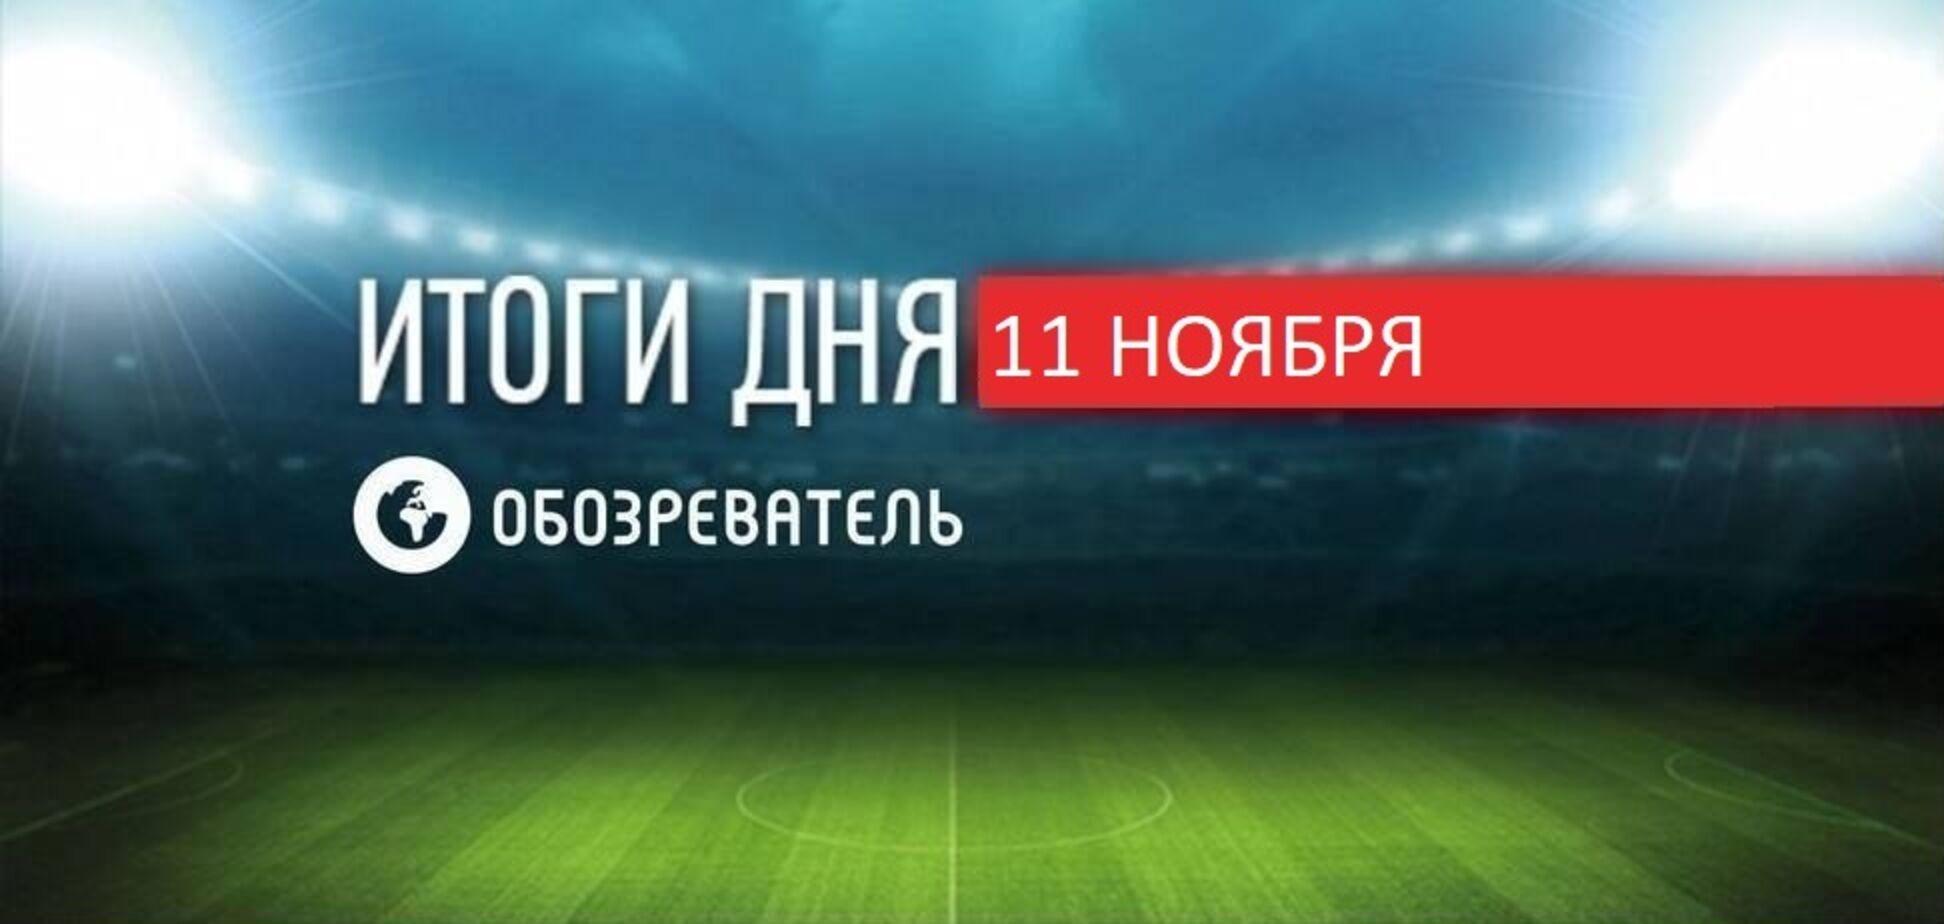 Украина проиграла Польше, не забив пенальти и пропустив с 30 метров: итоги спорта 11 ноября